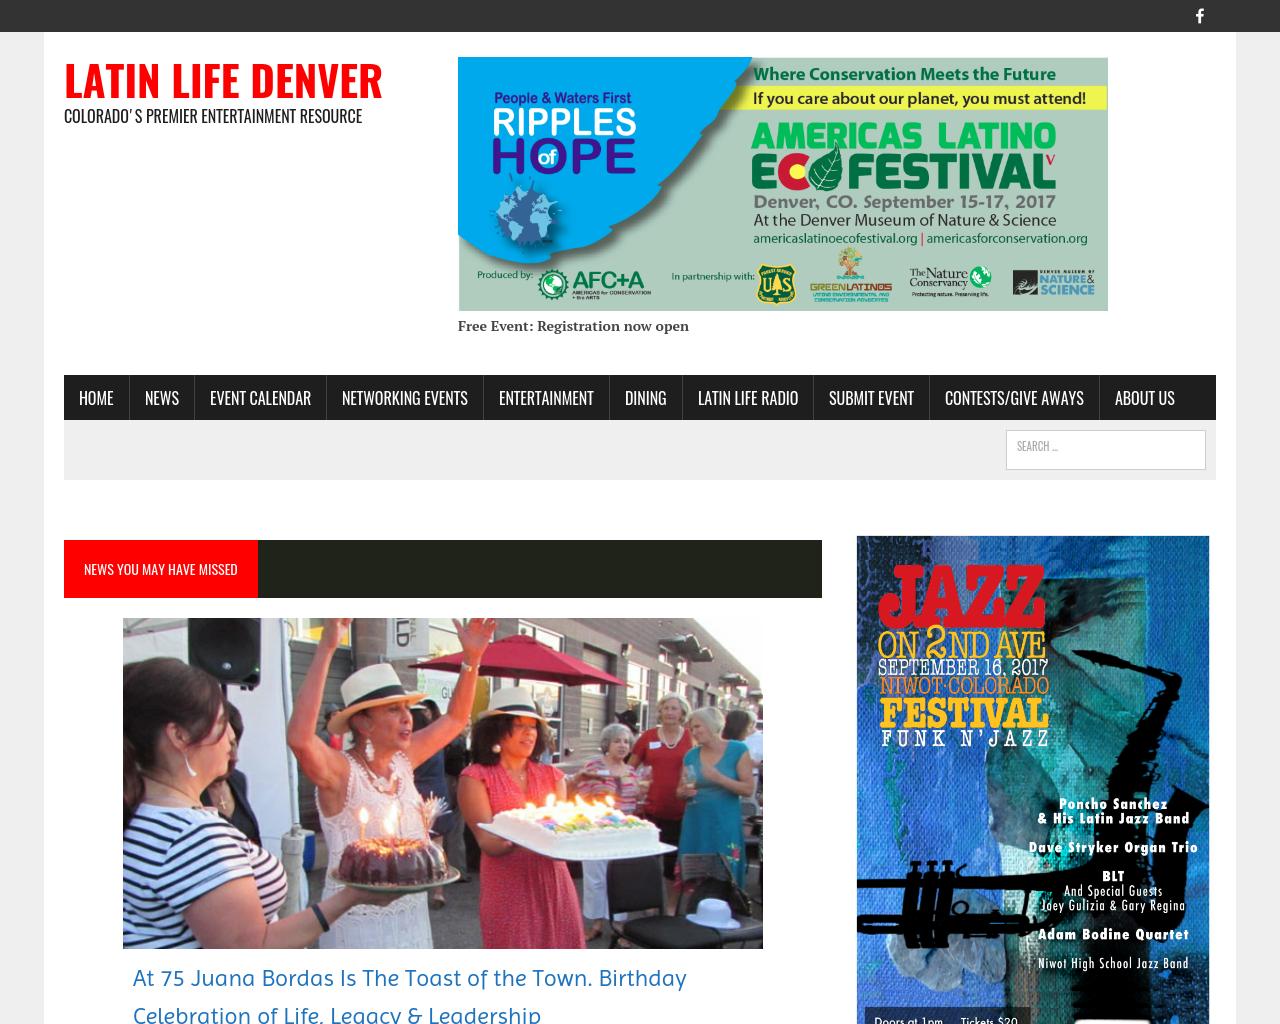 LatinlifeDenver-Advertising-Reviews-Pricing